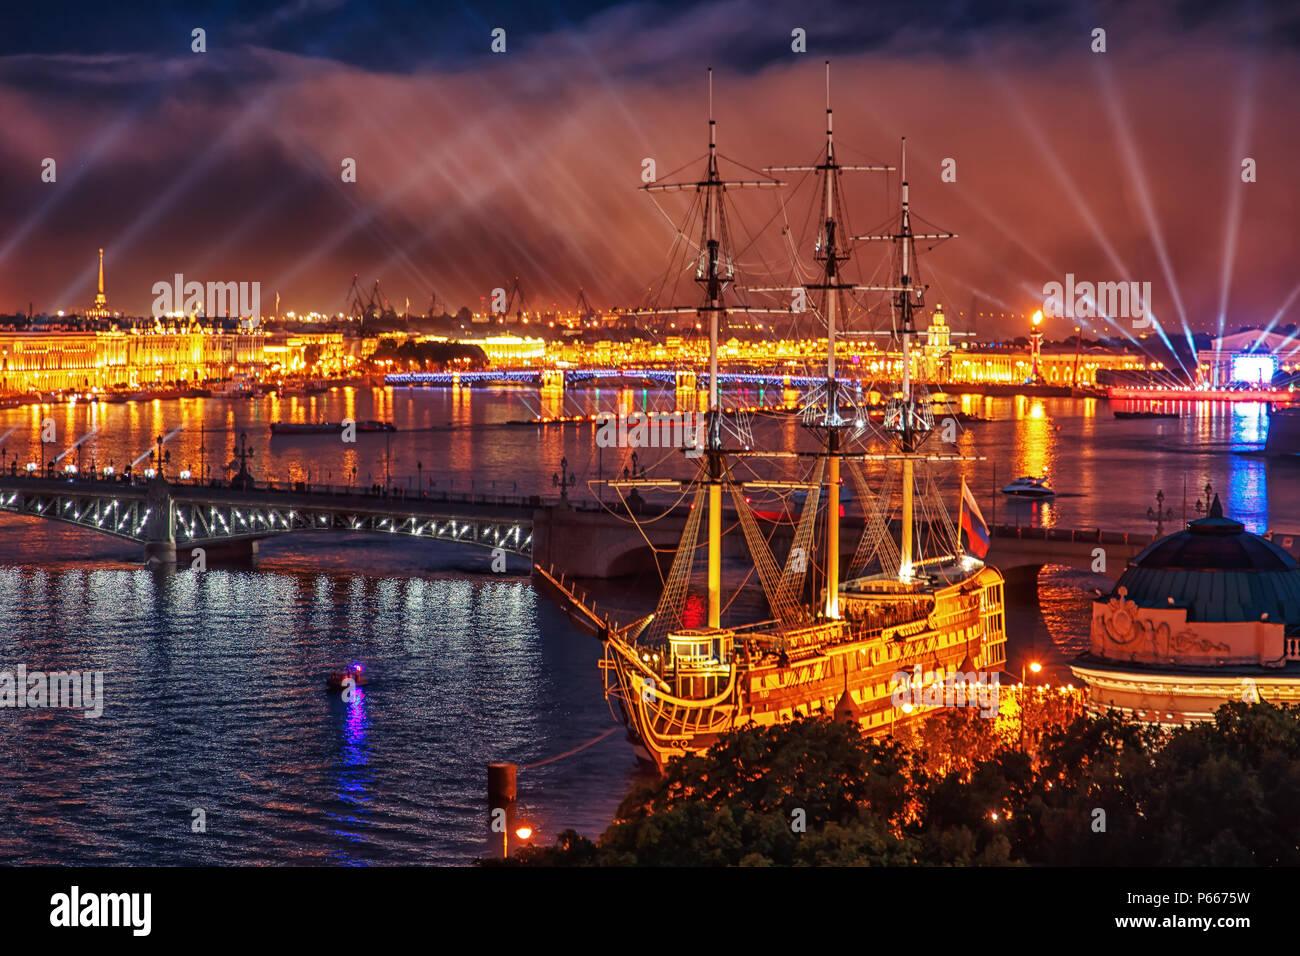 Scarlet Sails Feier in St. Petersburg. Traditionelle Urlaub der Absolventen. Stockbild